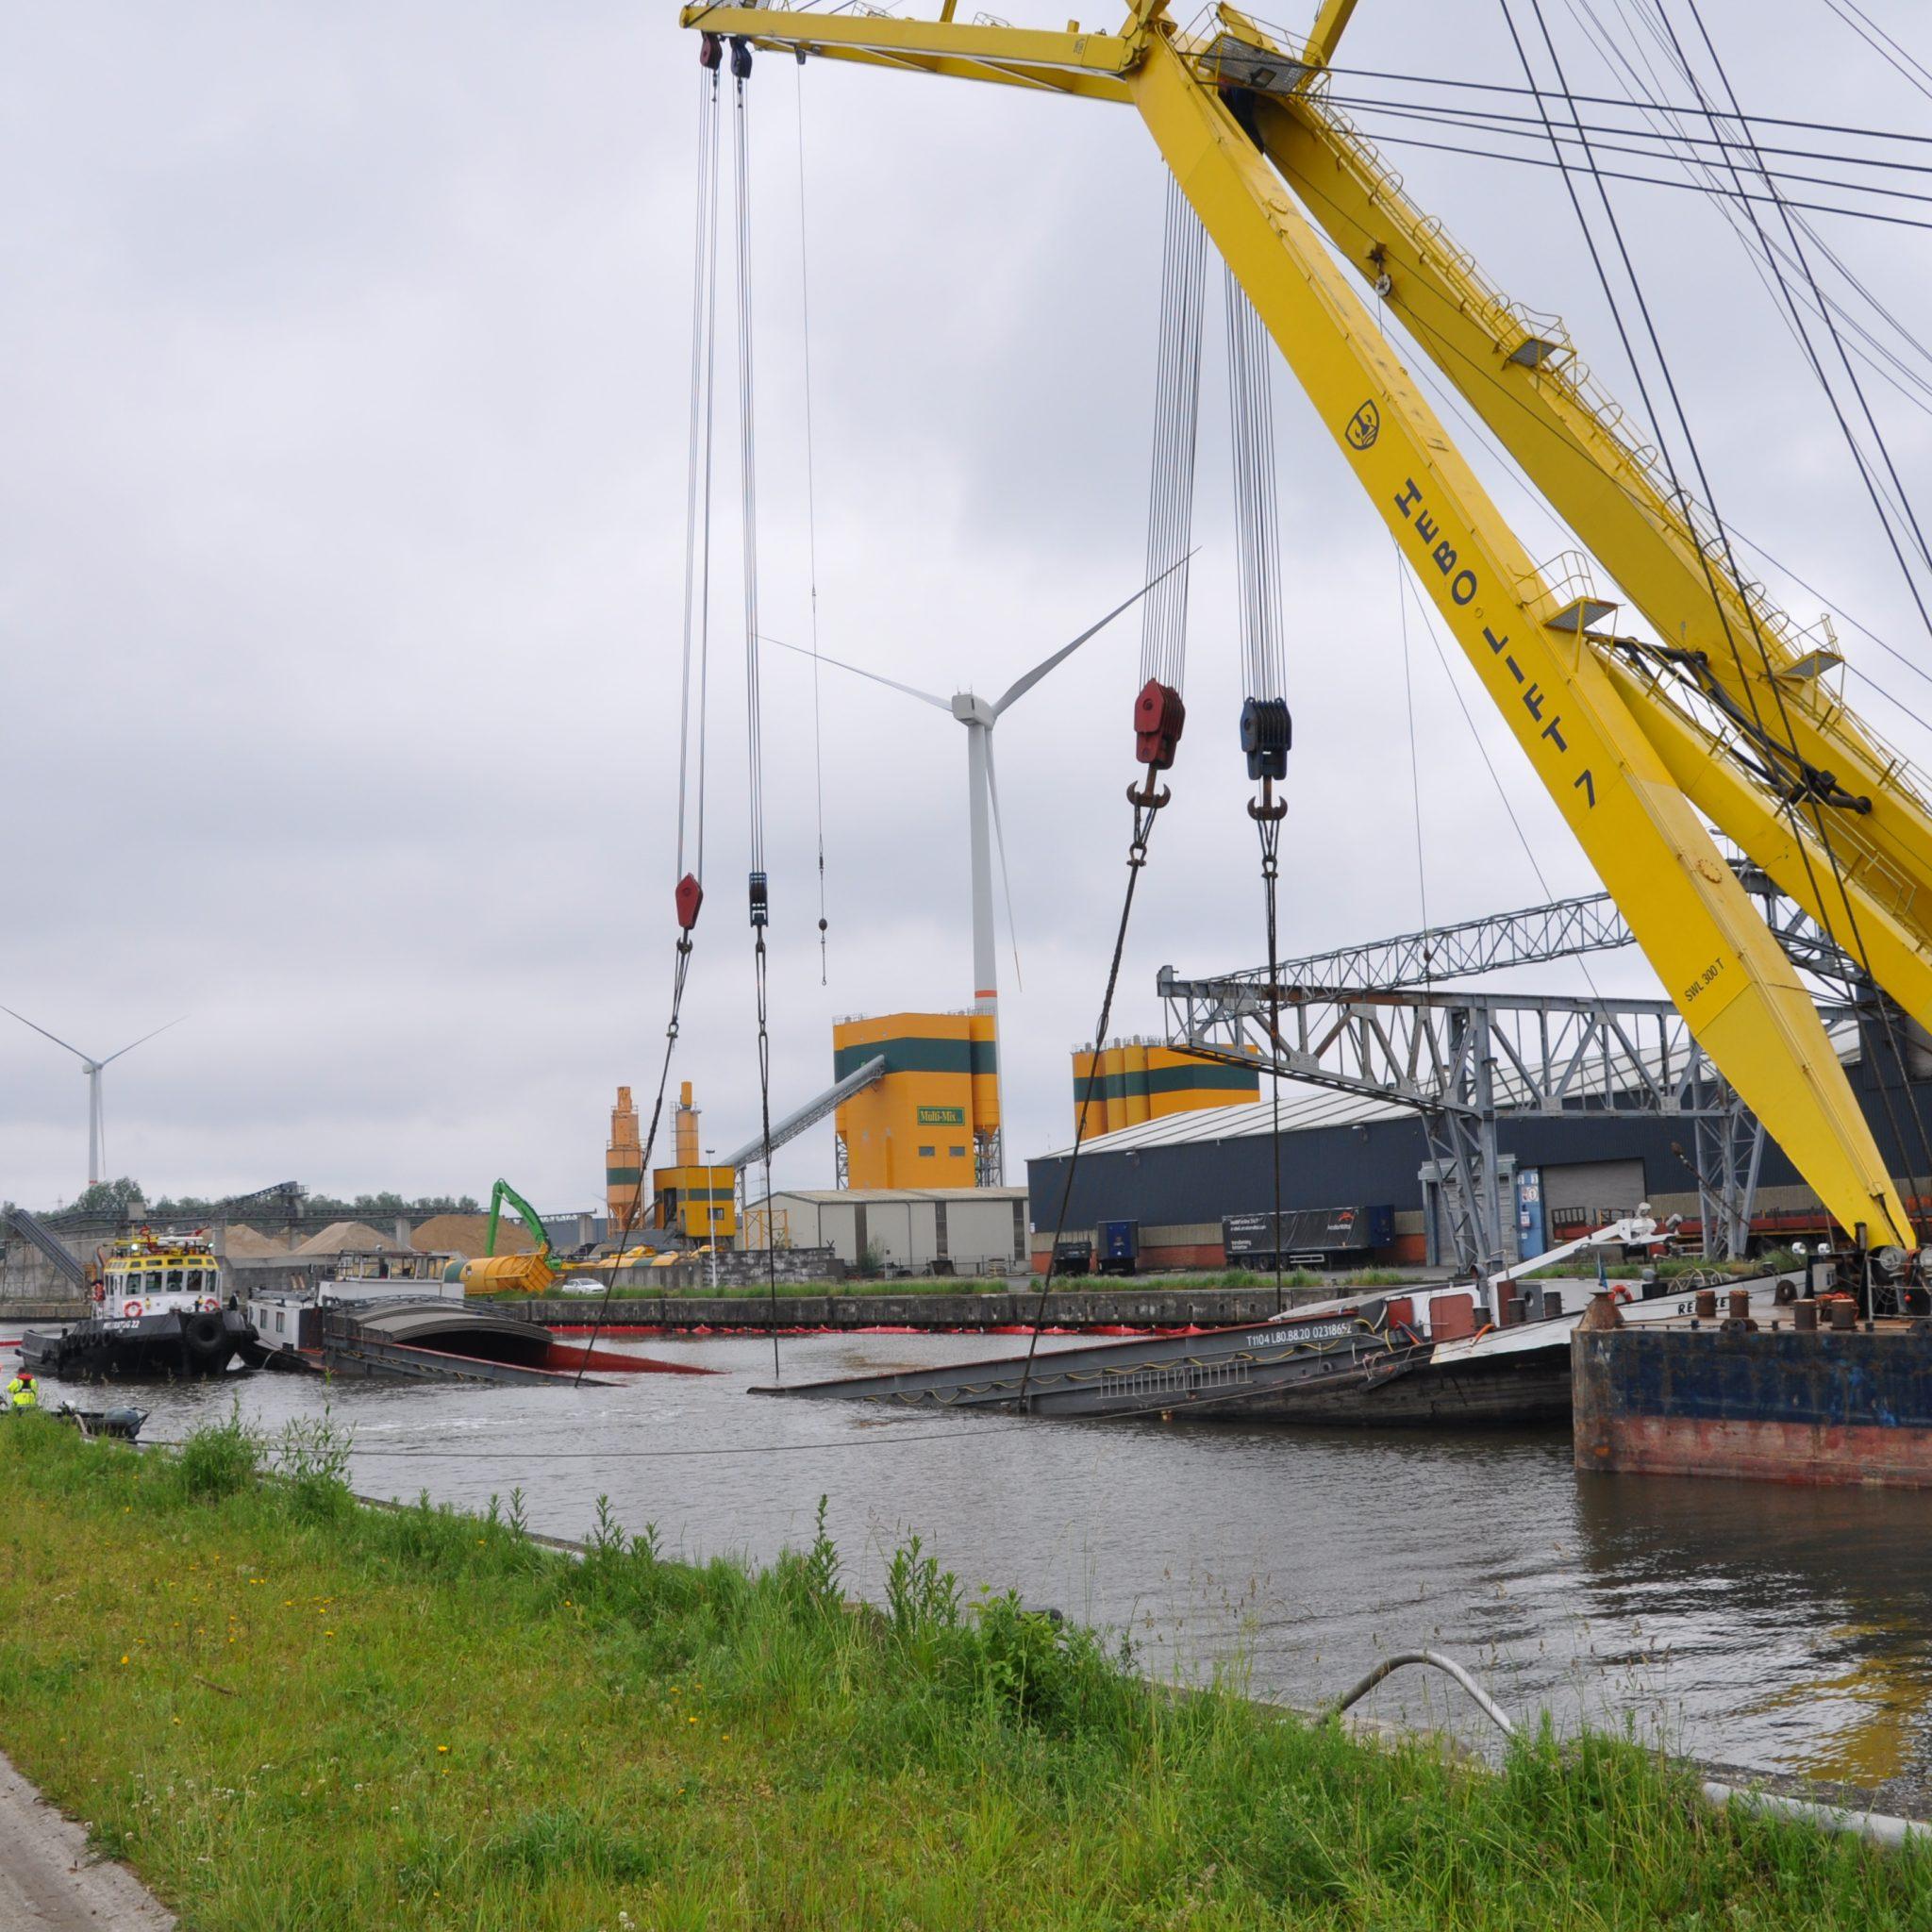 De Renske werd geborgen door Multraship in samenwerking met Hebo-maritiem. (Foto Adri van de Wege)